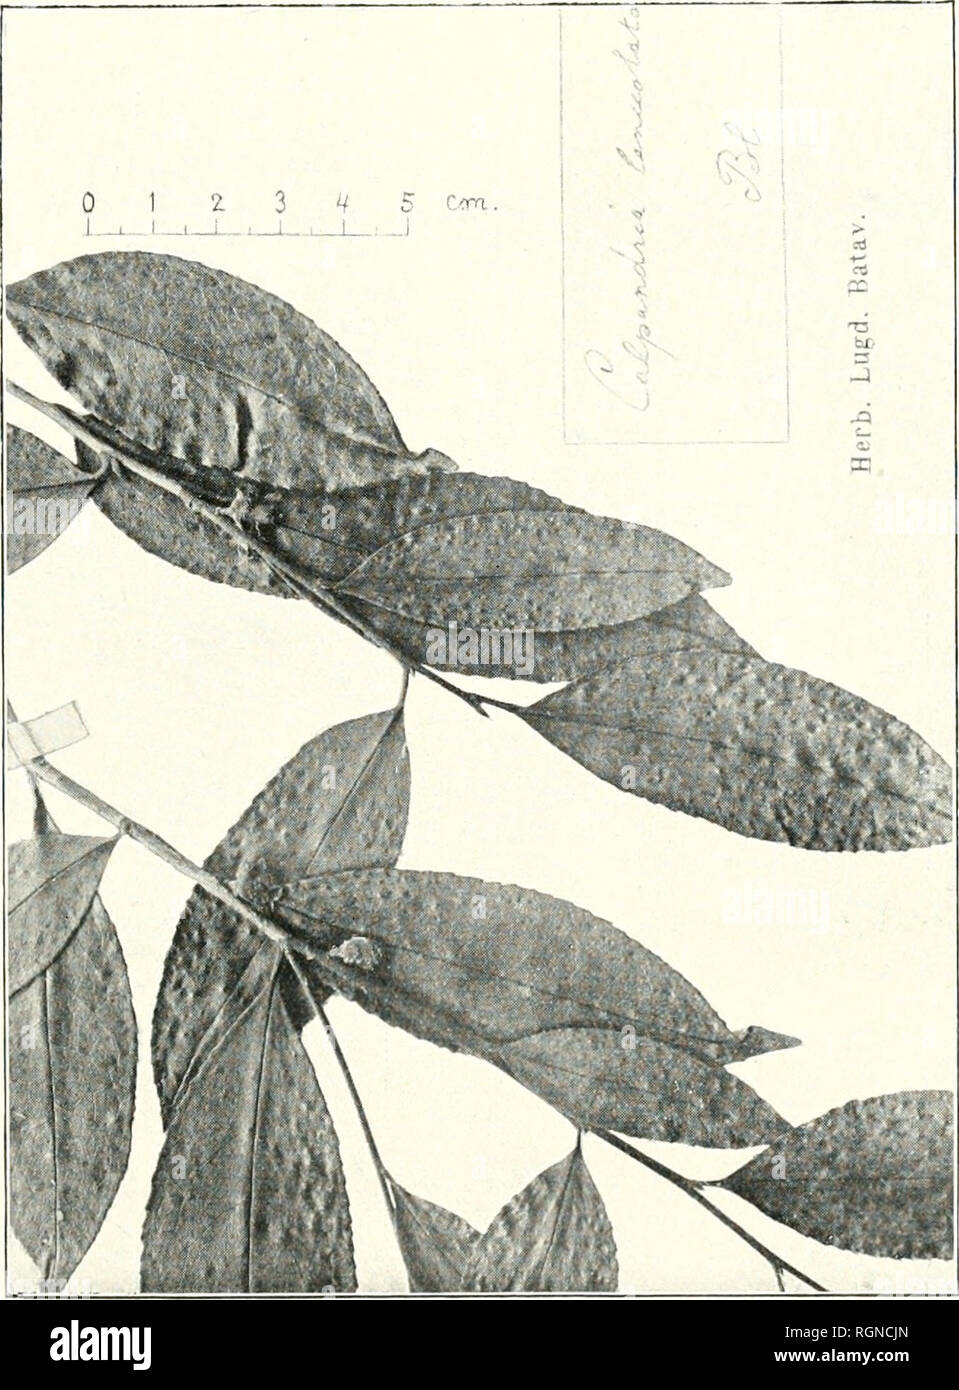 9bfeb3d84 Bulletin du Jardin botanique de Buitenzorg. Plants -- Indonesia; Plants. o  c .